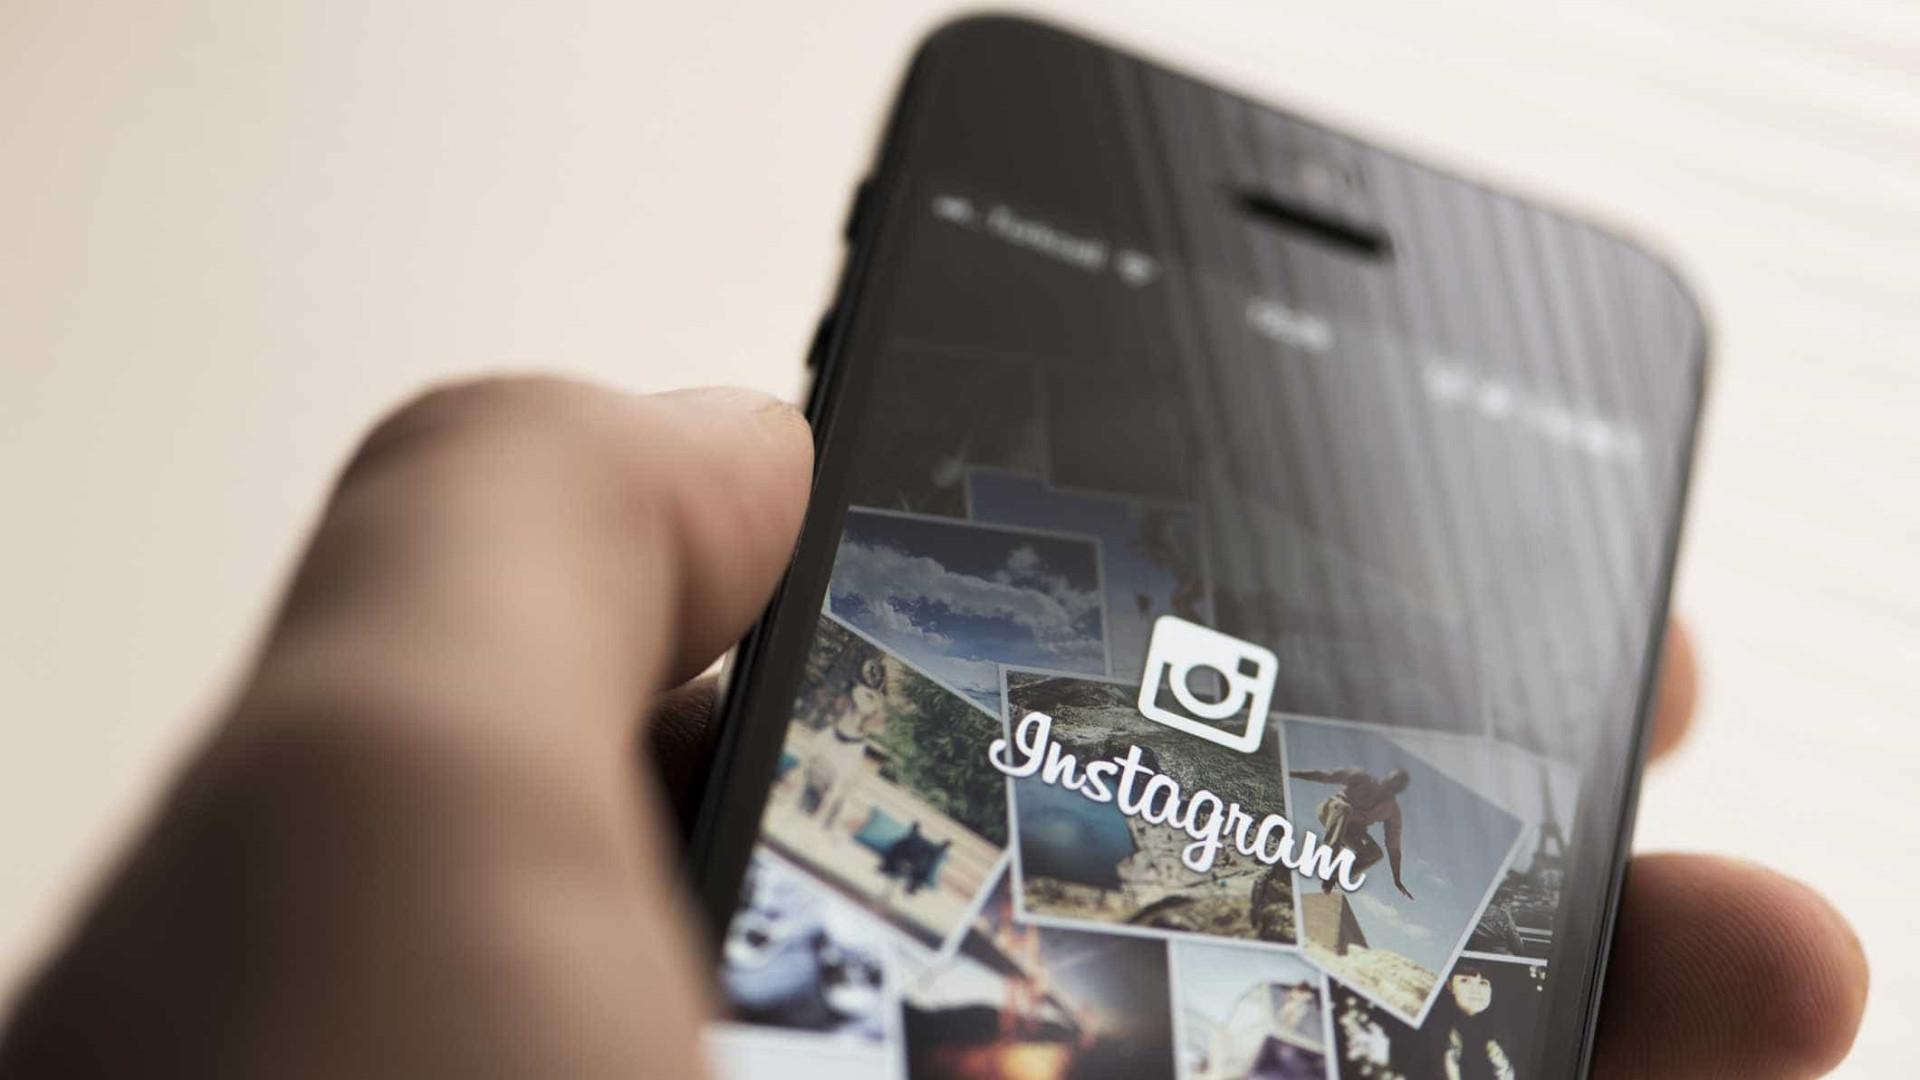 Agora, Instagram avisa quando é feita captura de ecrã a fotos